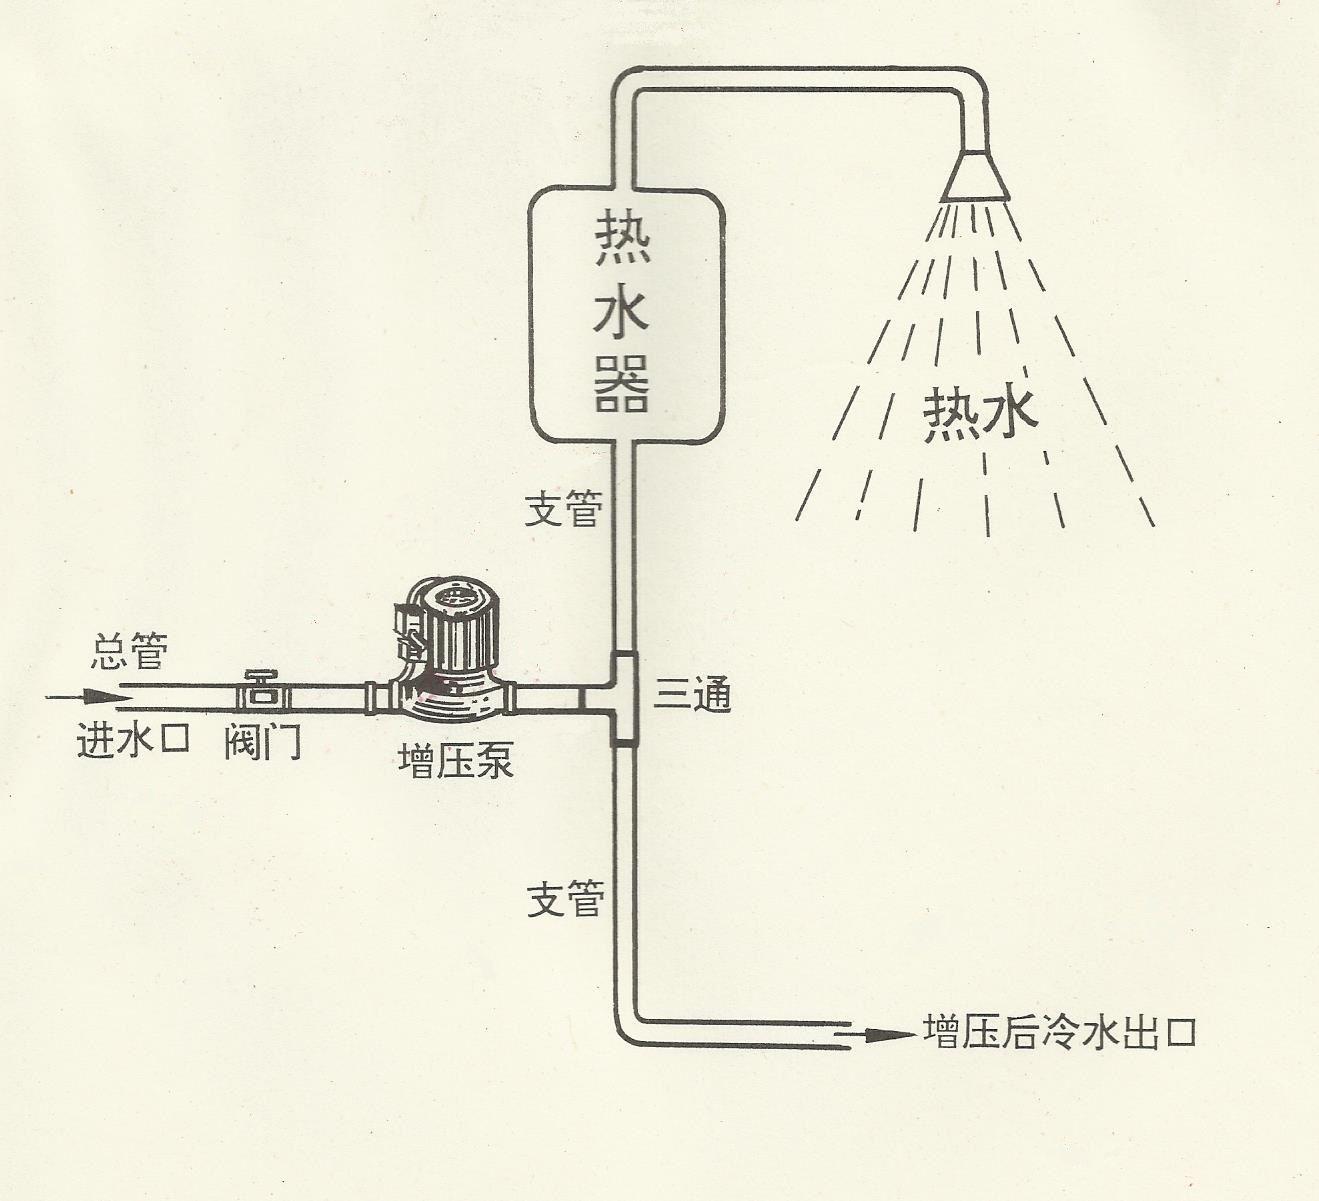 自吸增压泵应用于热水器增压安装示意图